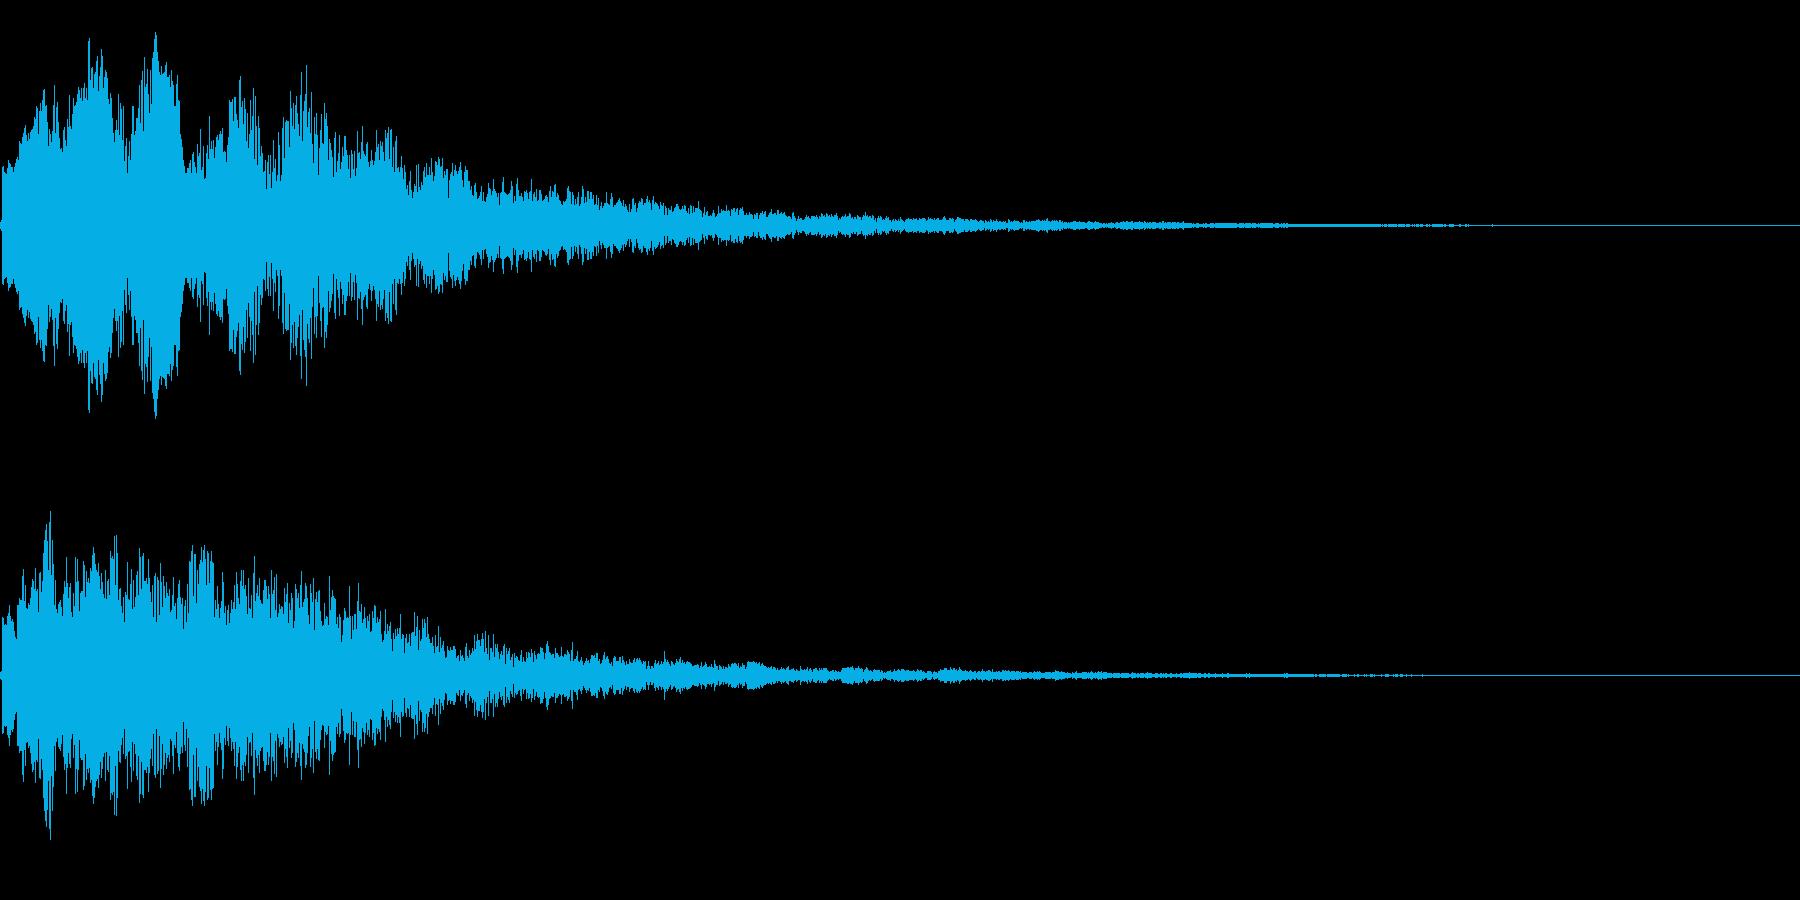 キラーン(星、光、魔法、テロップ等)3cの再生済みの波形